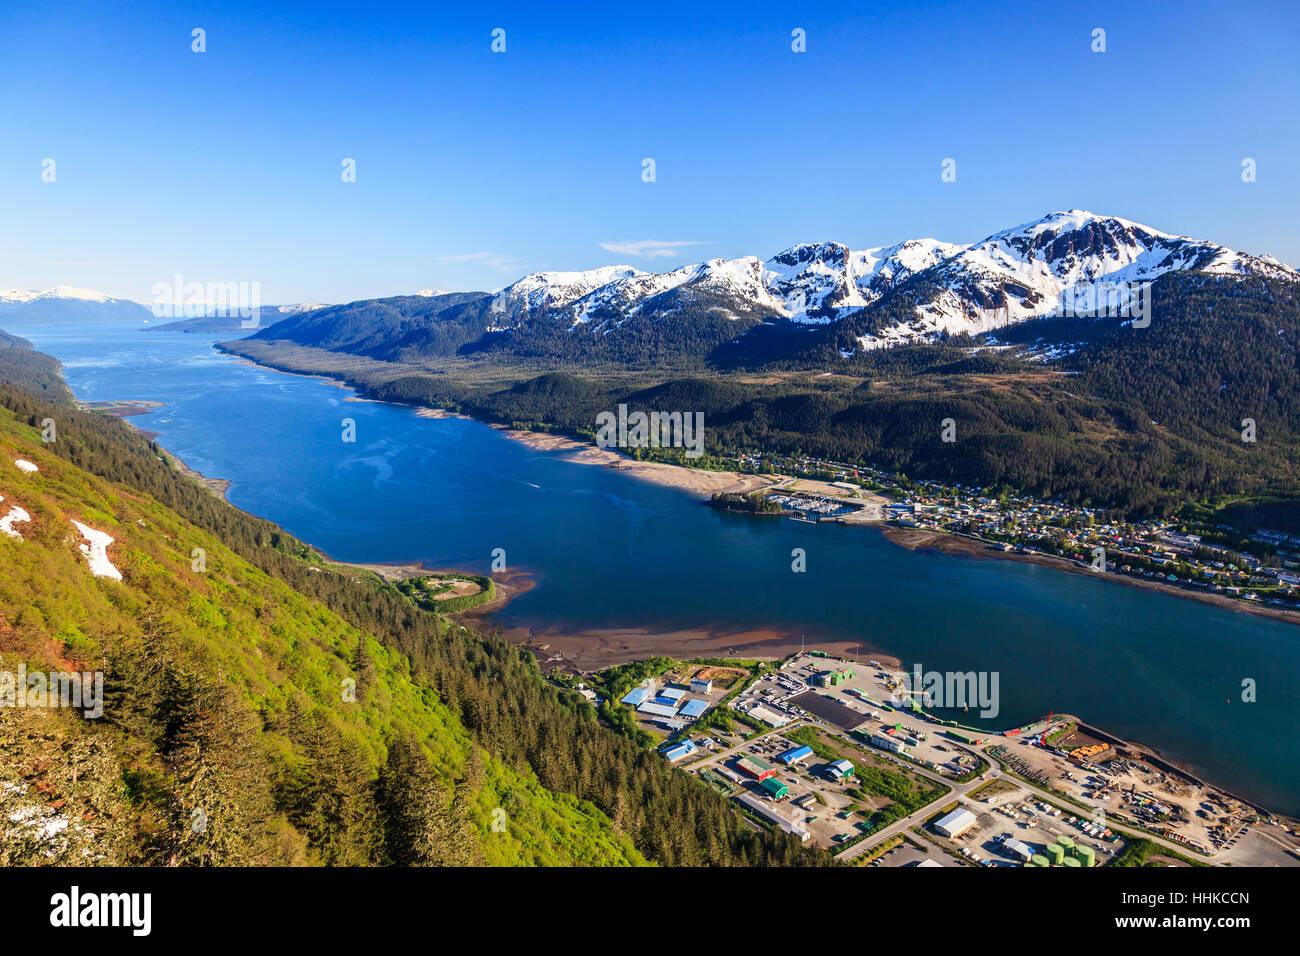 Juneau, Alaska. Vue aérienne de l'île Douglas et canal Gastineau. Photo Stock